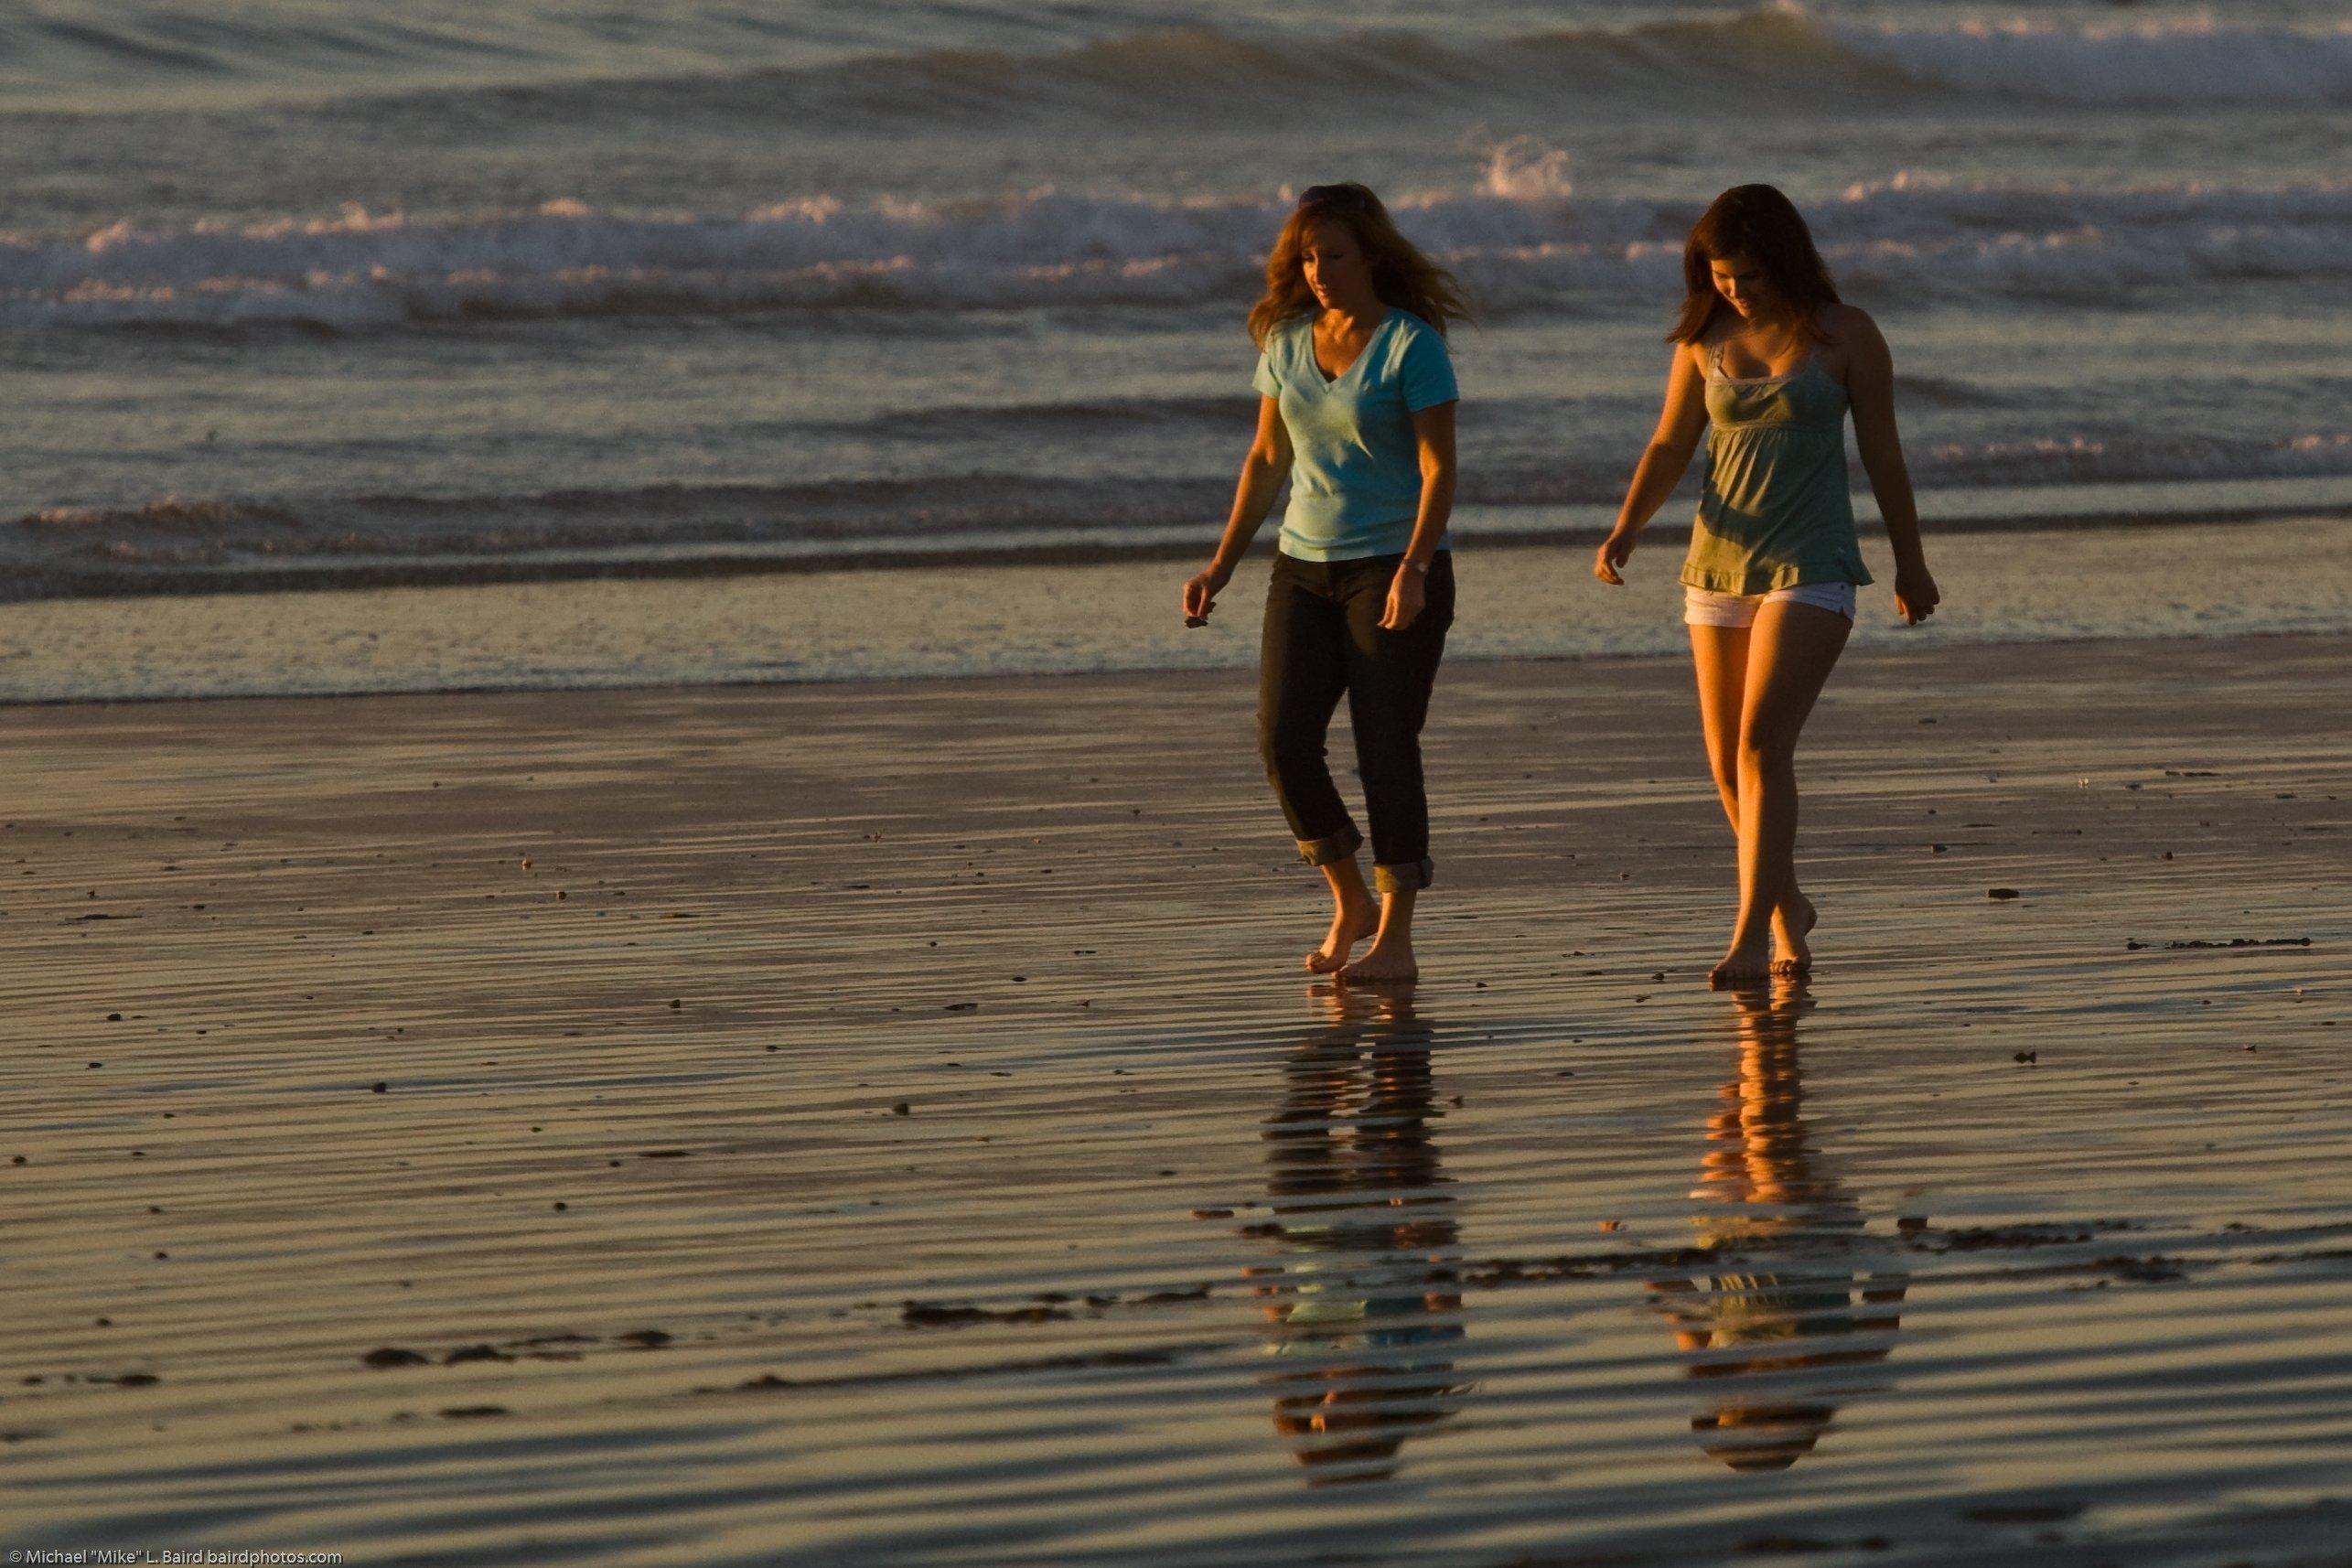 Madre e hija caminando por la playa. | Imagen: Wikimedia Commons